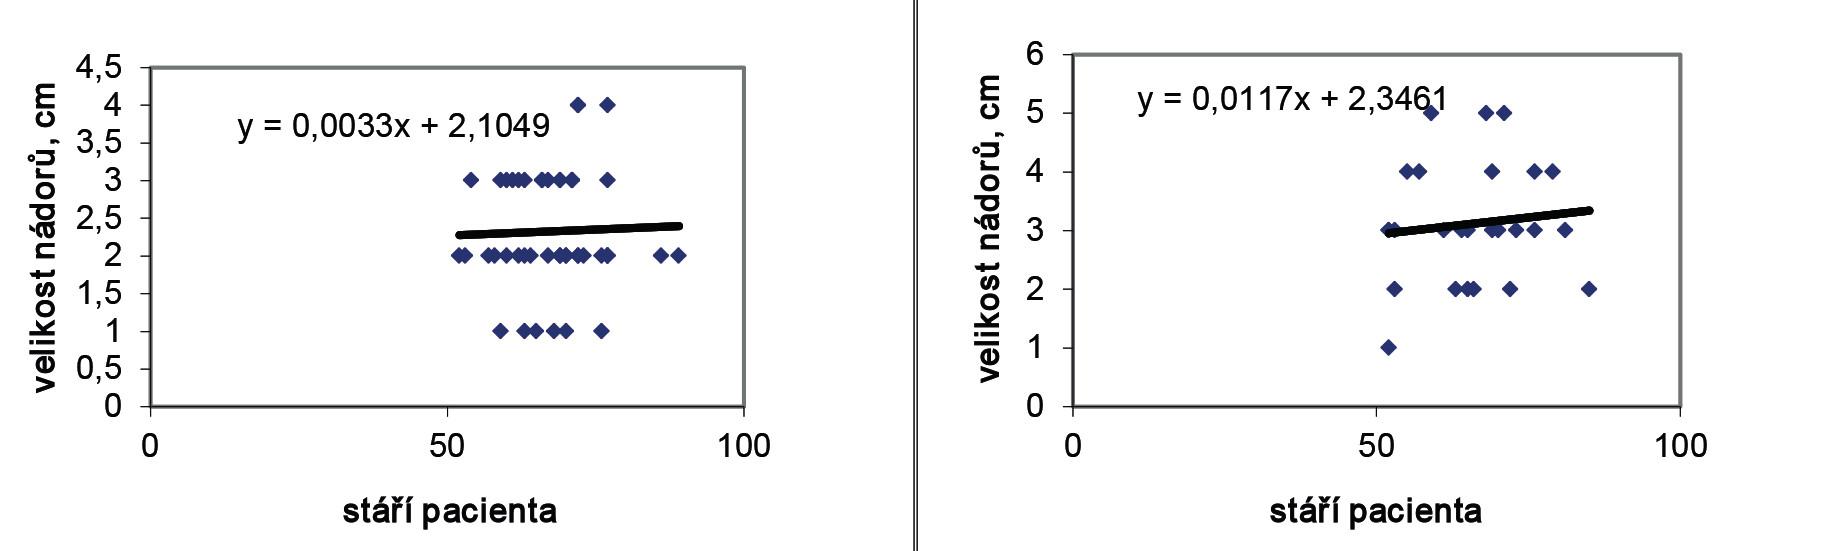 Změřená velikost nádorů a) benigních b) maligních v závislosti na stáří pacientů (pooperační histologie) Graph 2: Measured tumour size: a) benign tumours; b) malignant tumours according to patient's age (postoperative histology)